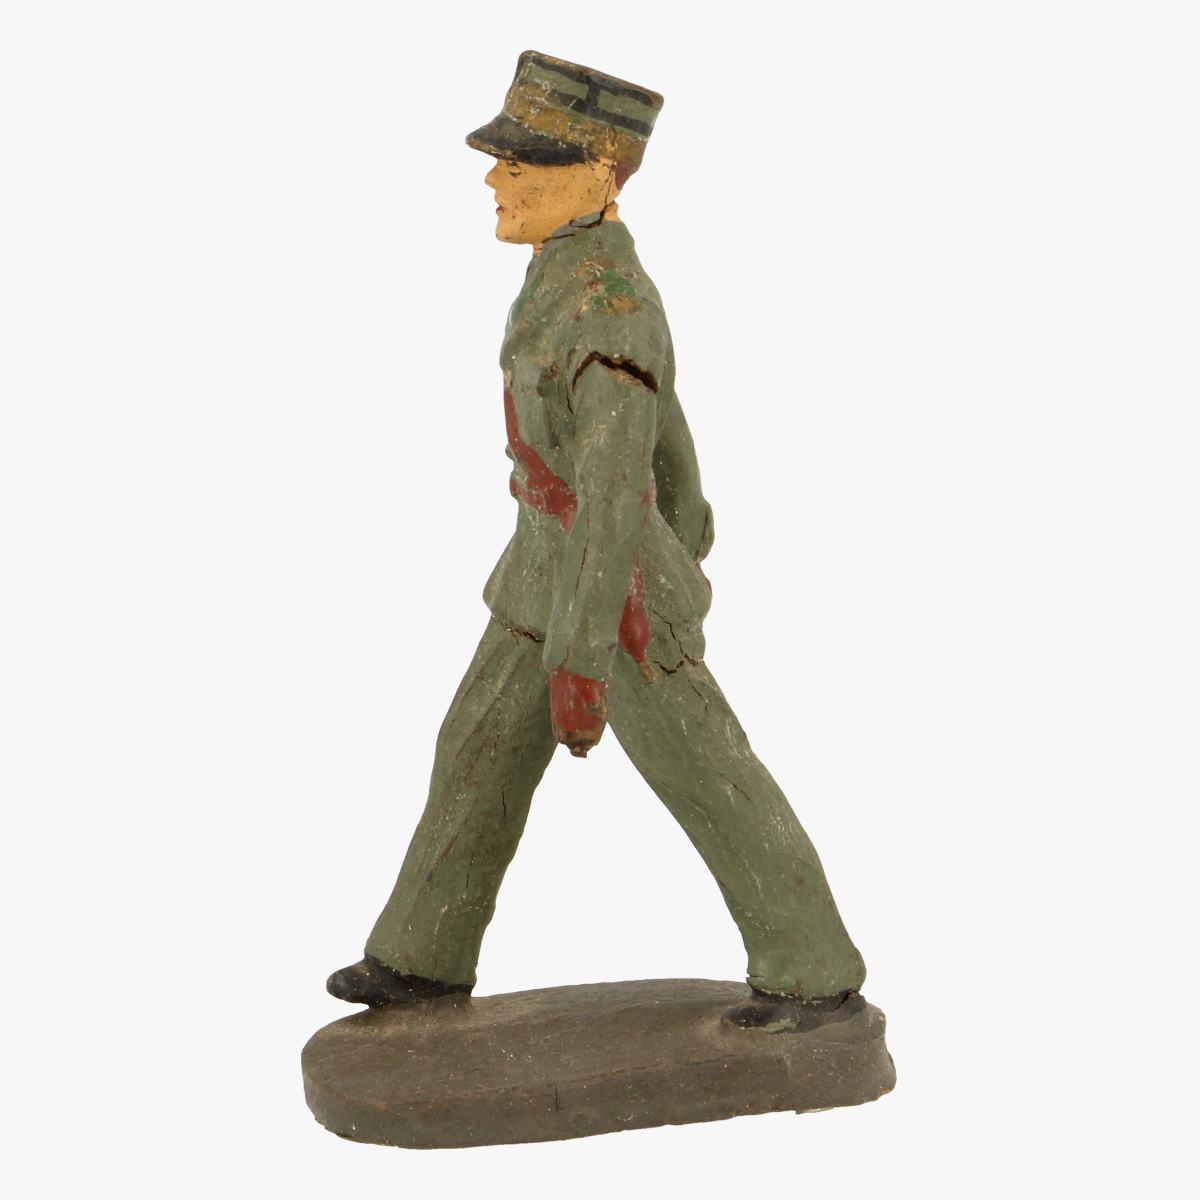 Afbeeldingen van elastolin soldaatjes fabr: elastolin Germany